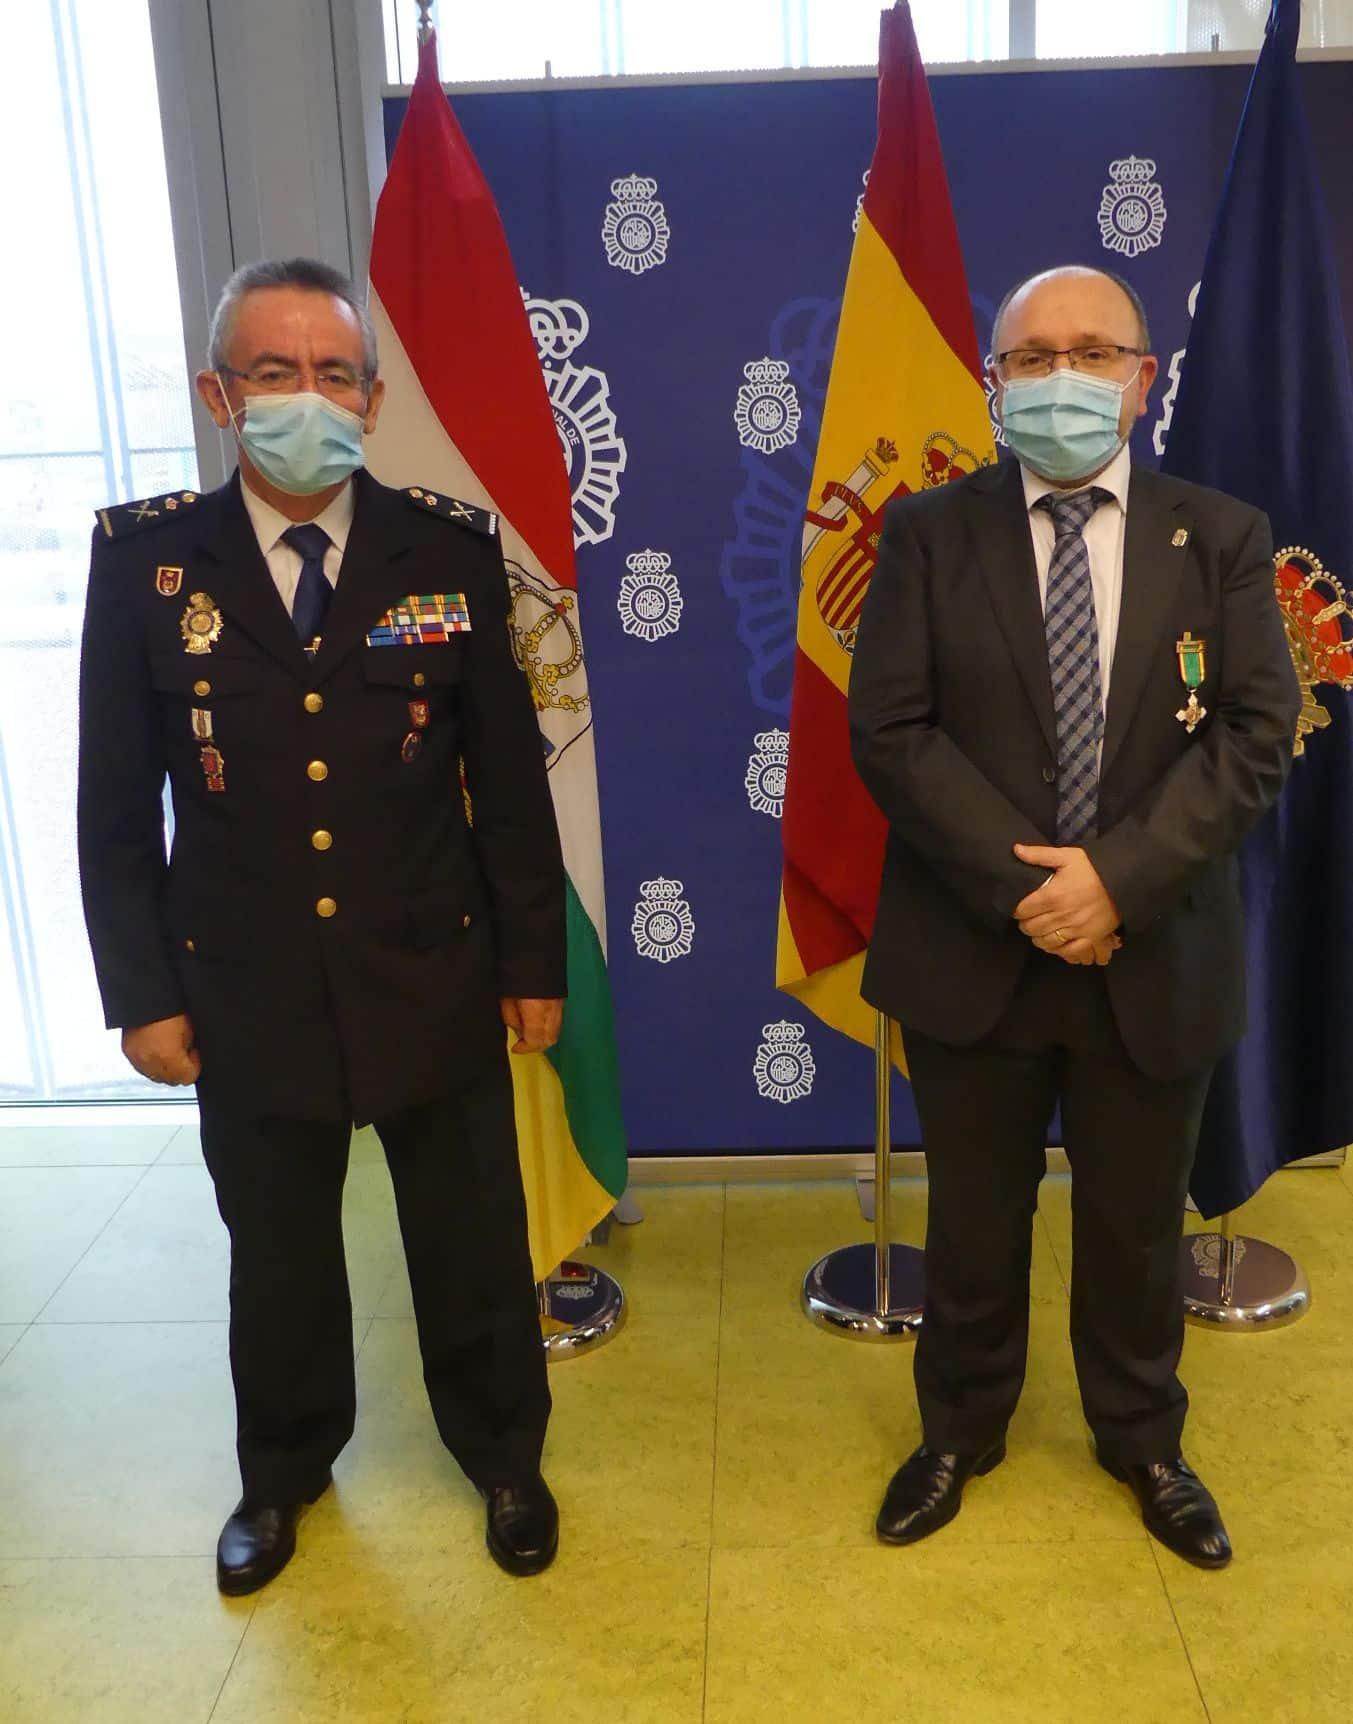 La Policía Nacional en La Rioja concede el ingreso en la Orden del Mérito Policial 1